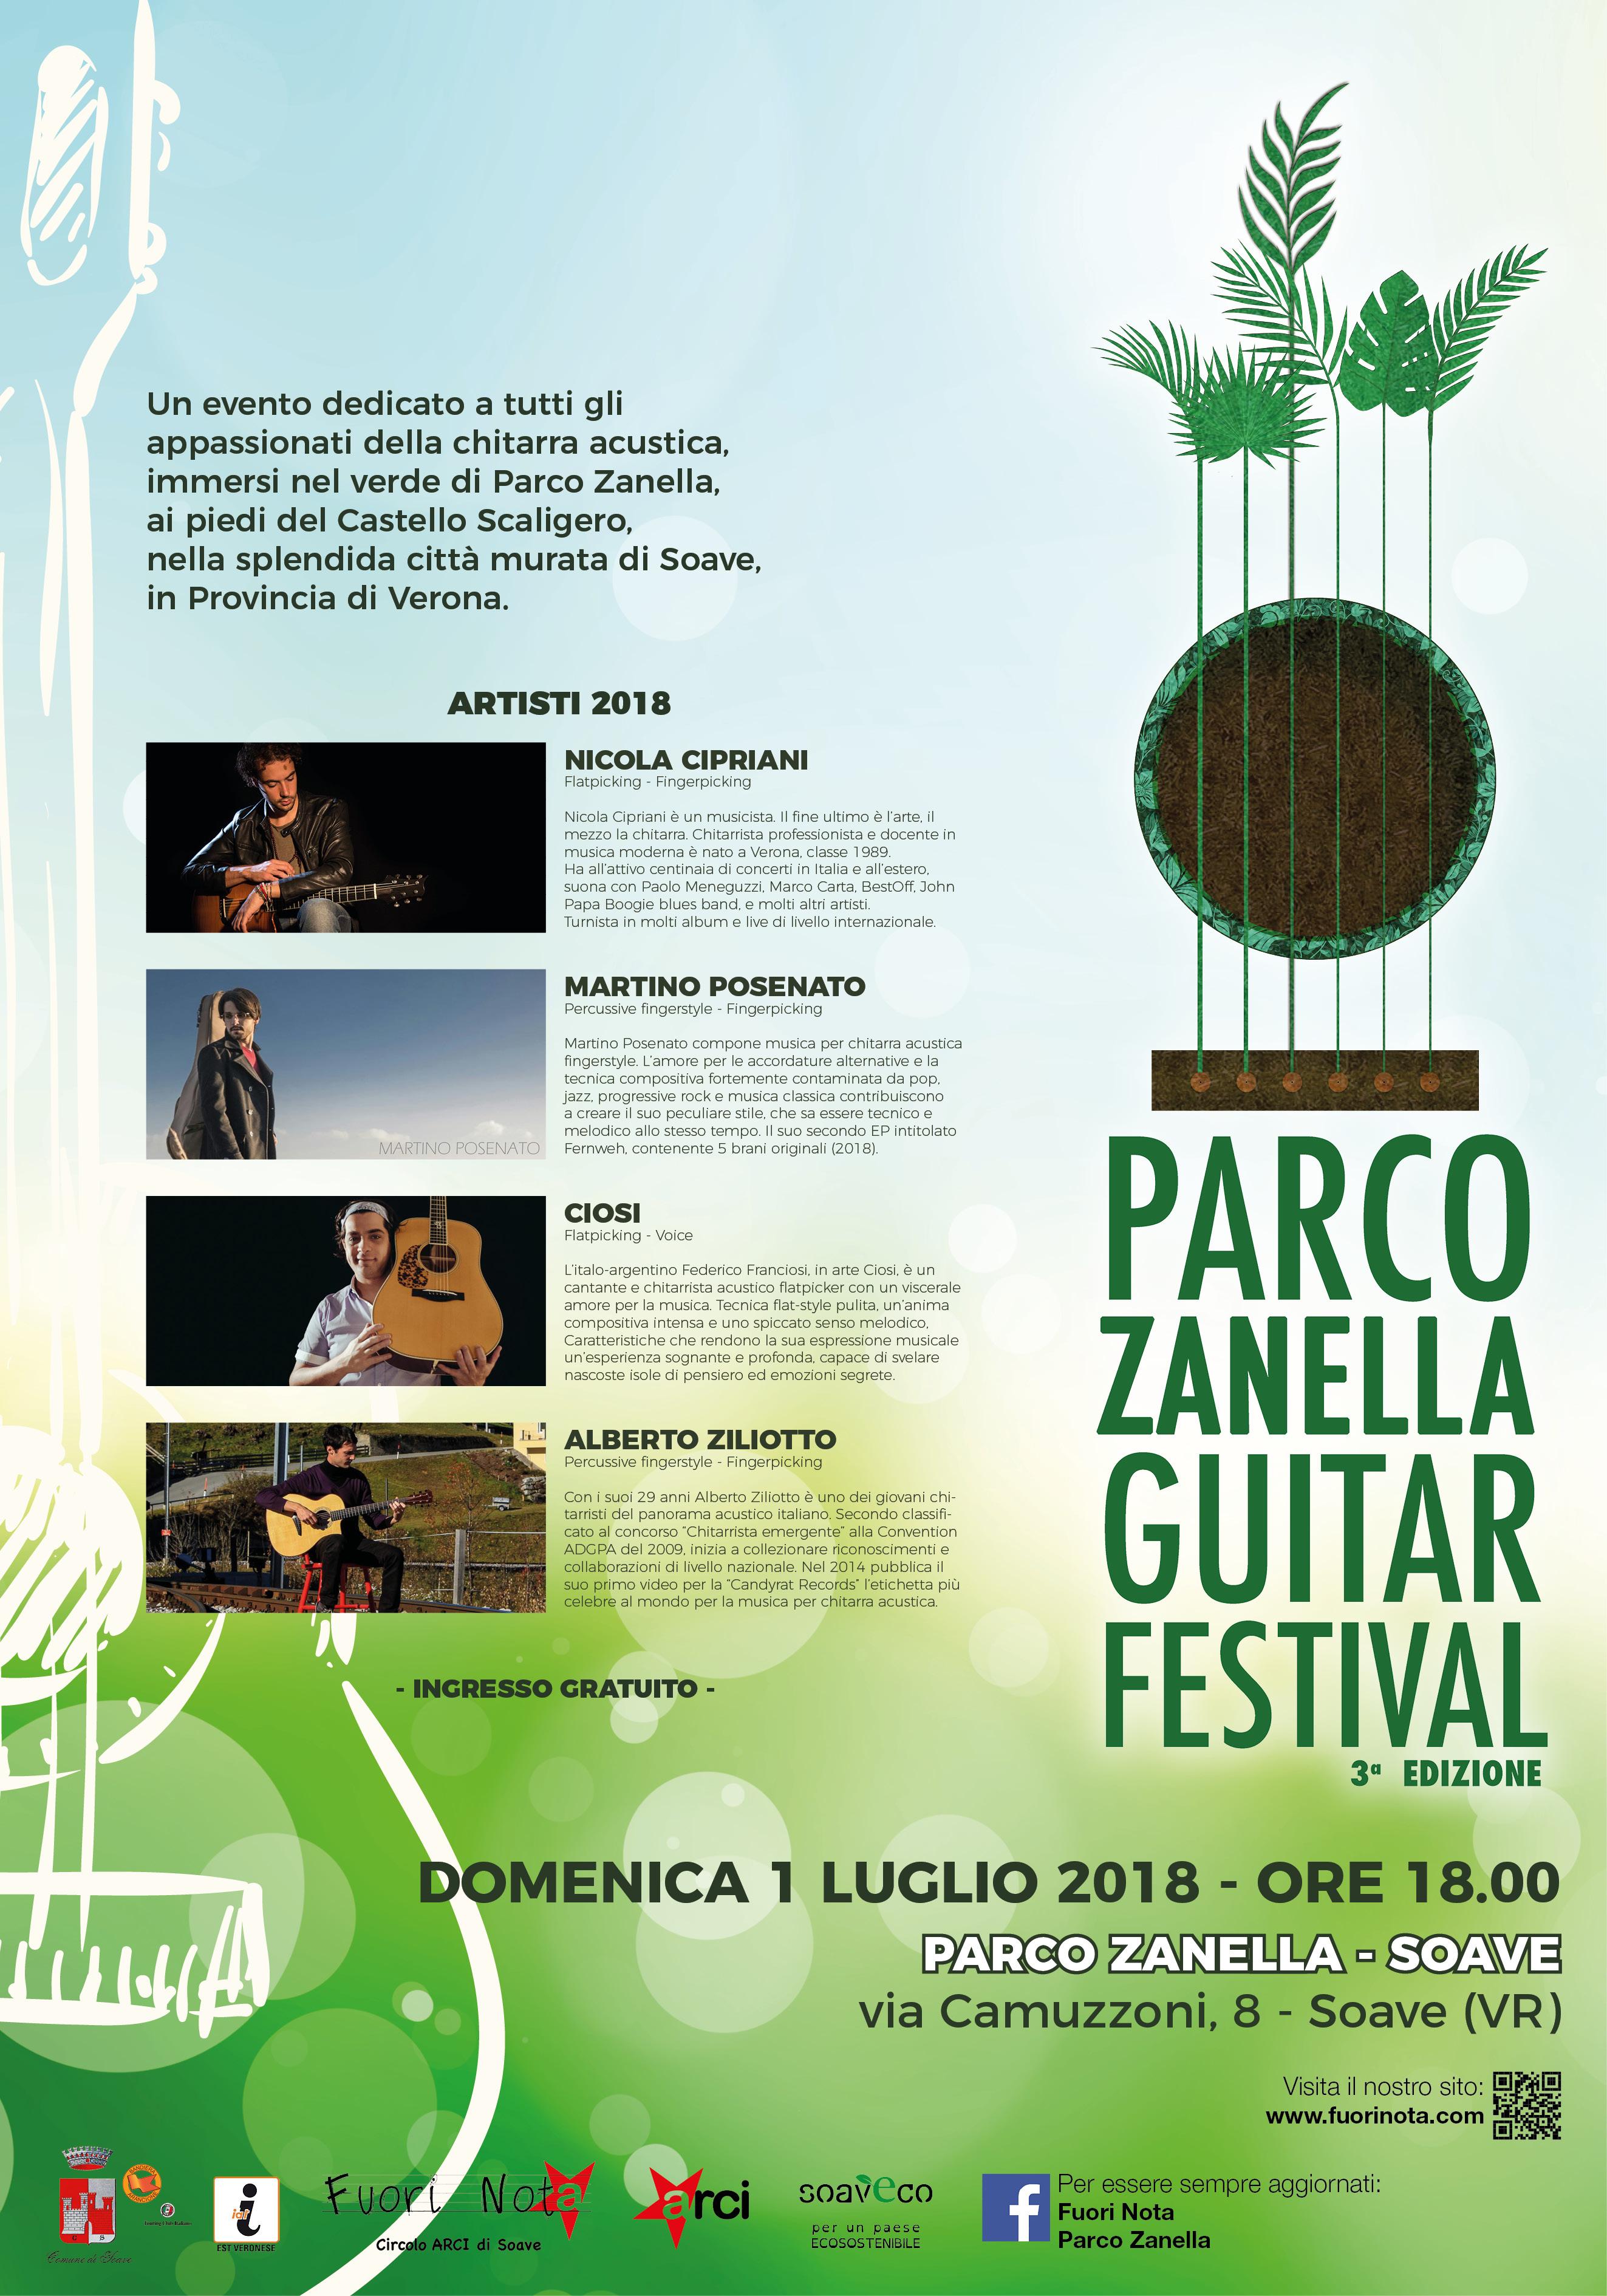 Parco Zanella Guitar Festival 2018 - terza edizione